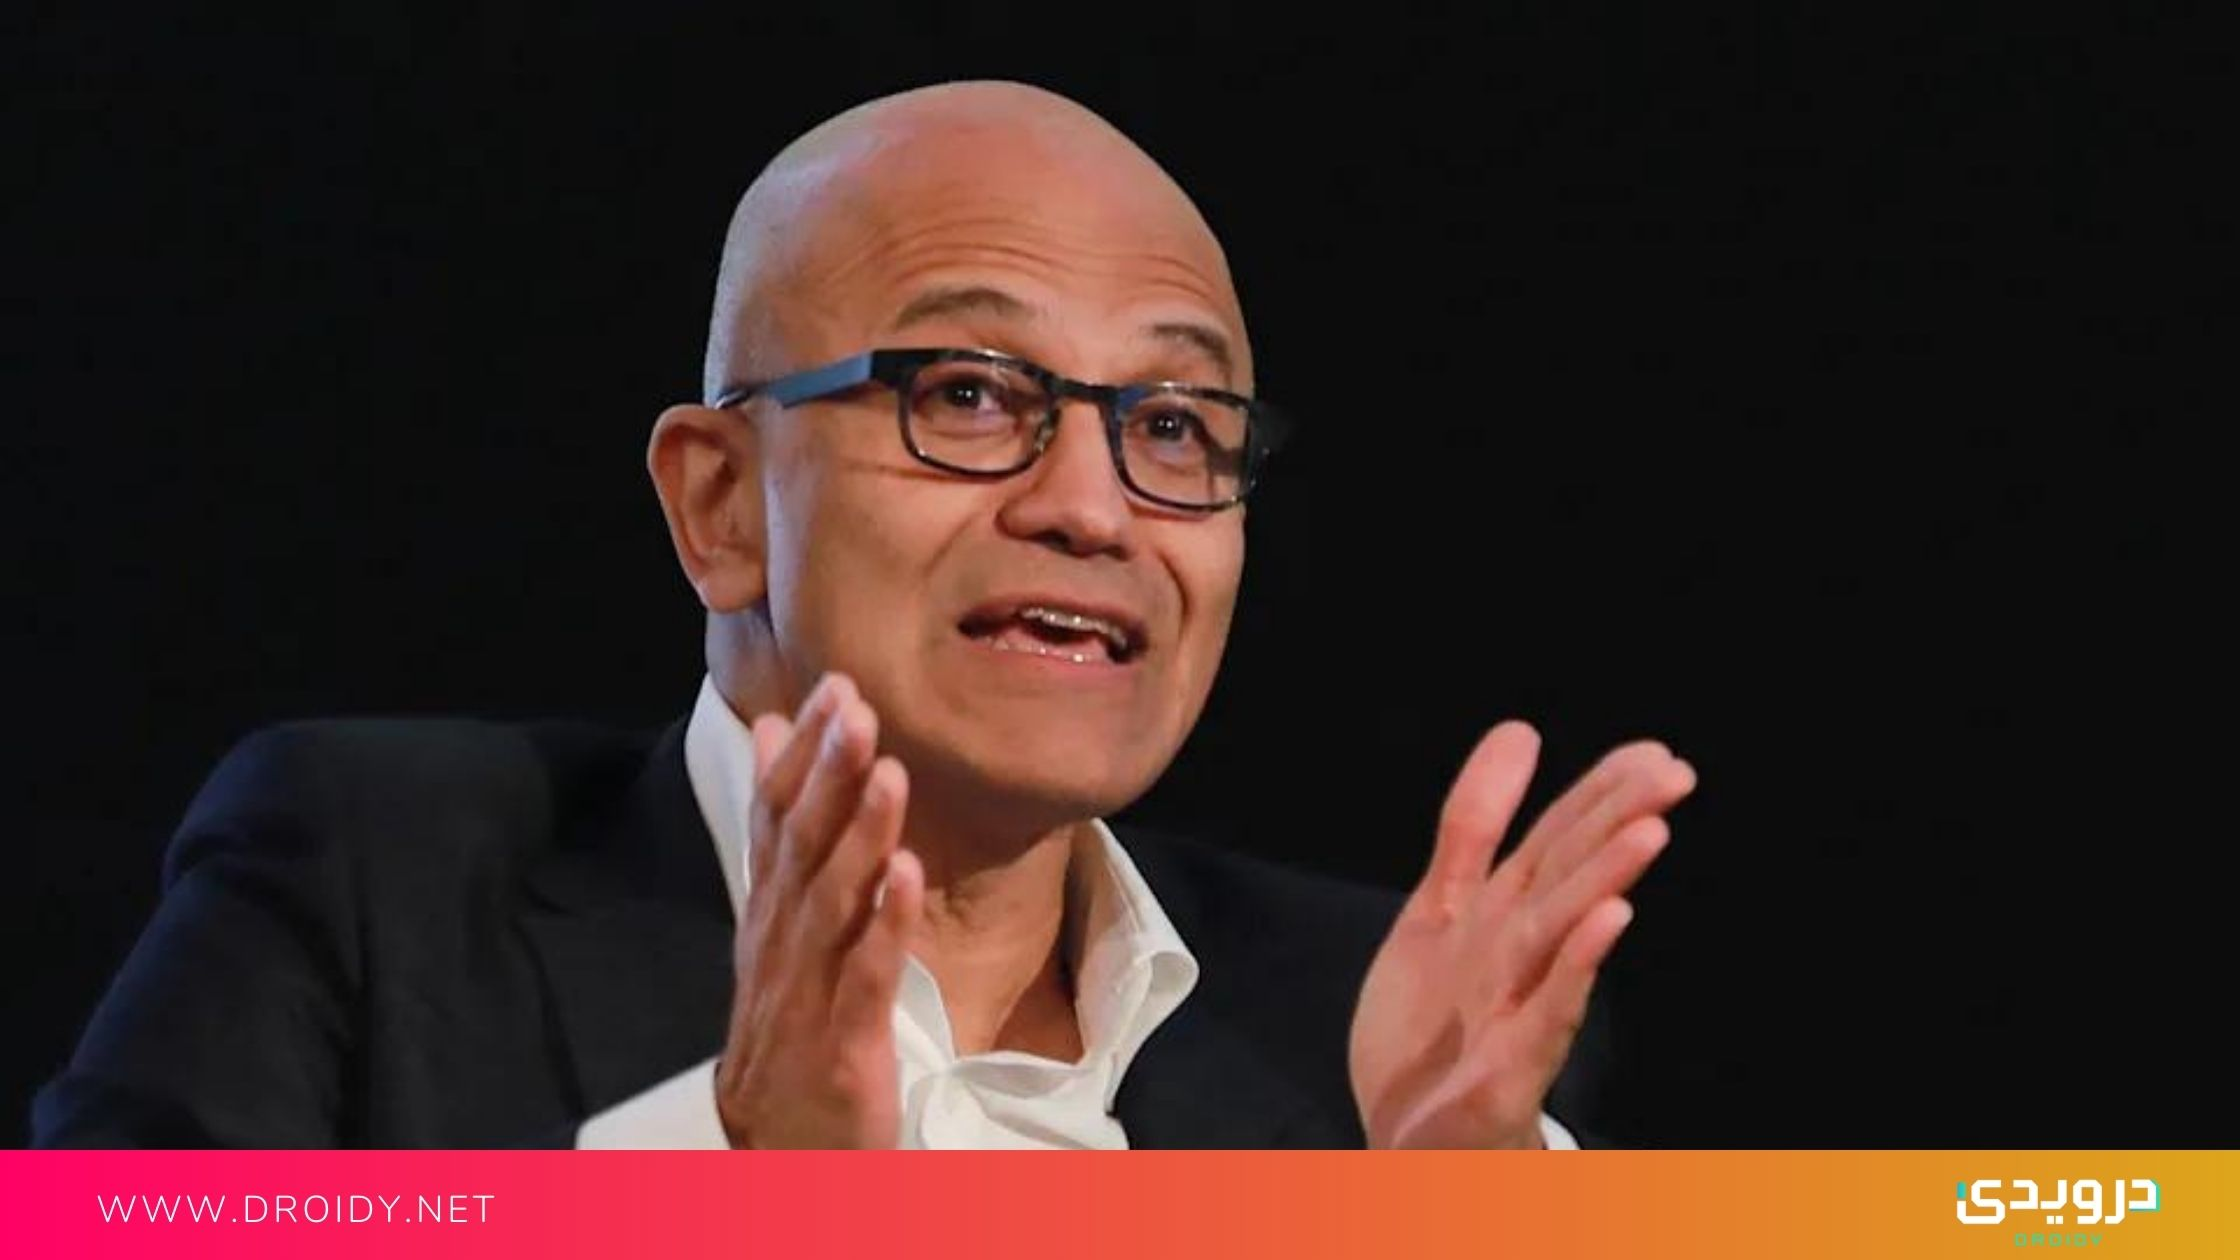 رئيس مايكروسوفت: مفاوضات تيك توك هي أغرب شيء عملت عليه